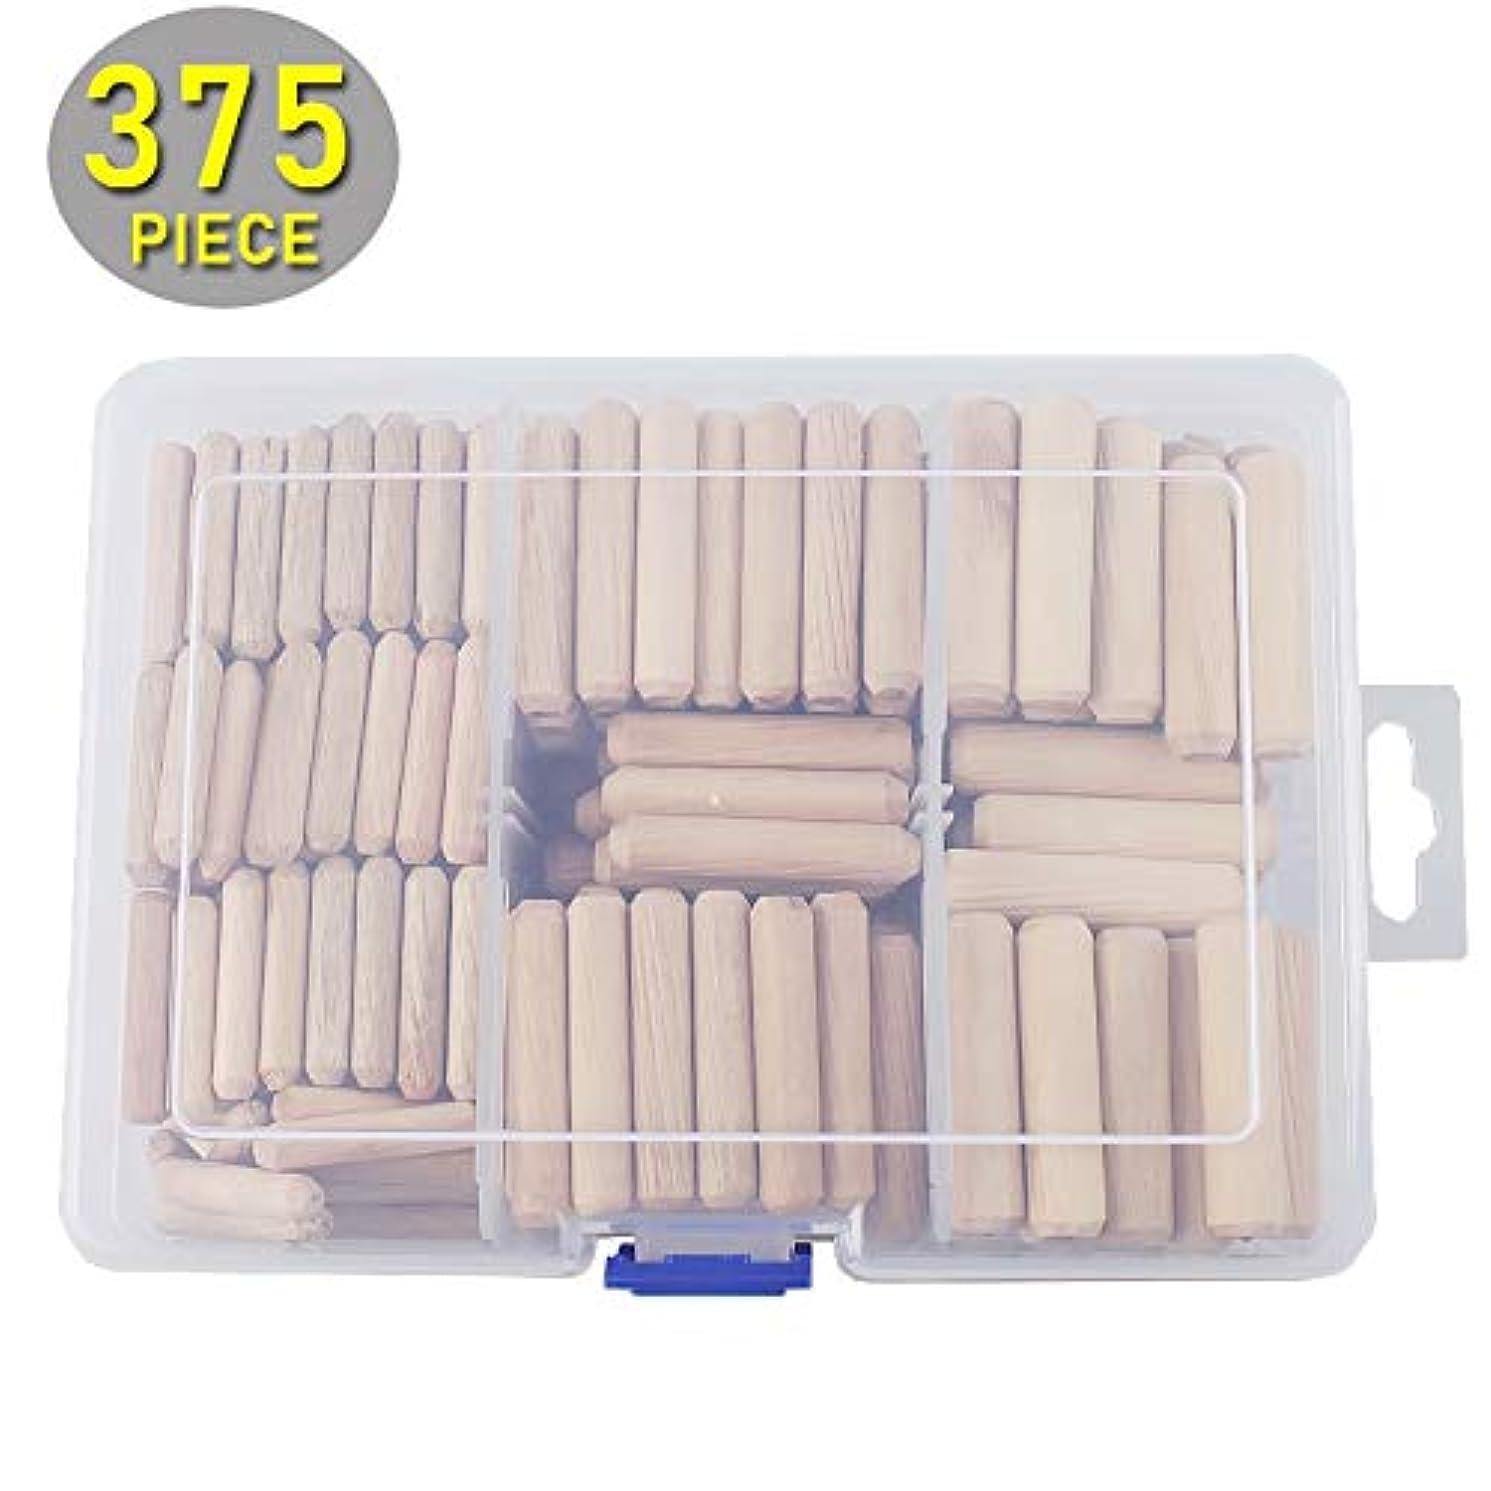 Ochoos 375pcs/set Assorted Fluted Wood Dowel Pins 6mm (1/4